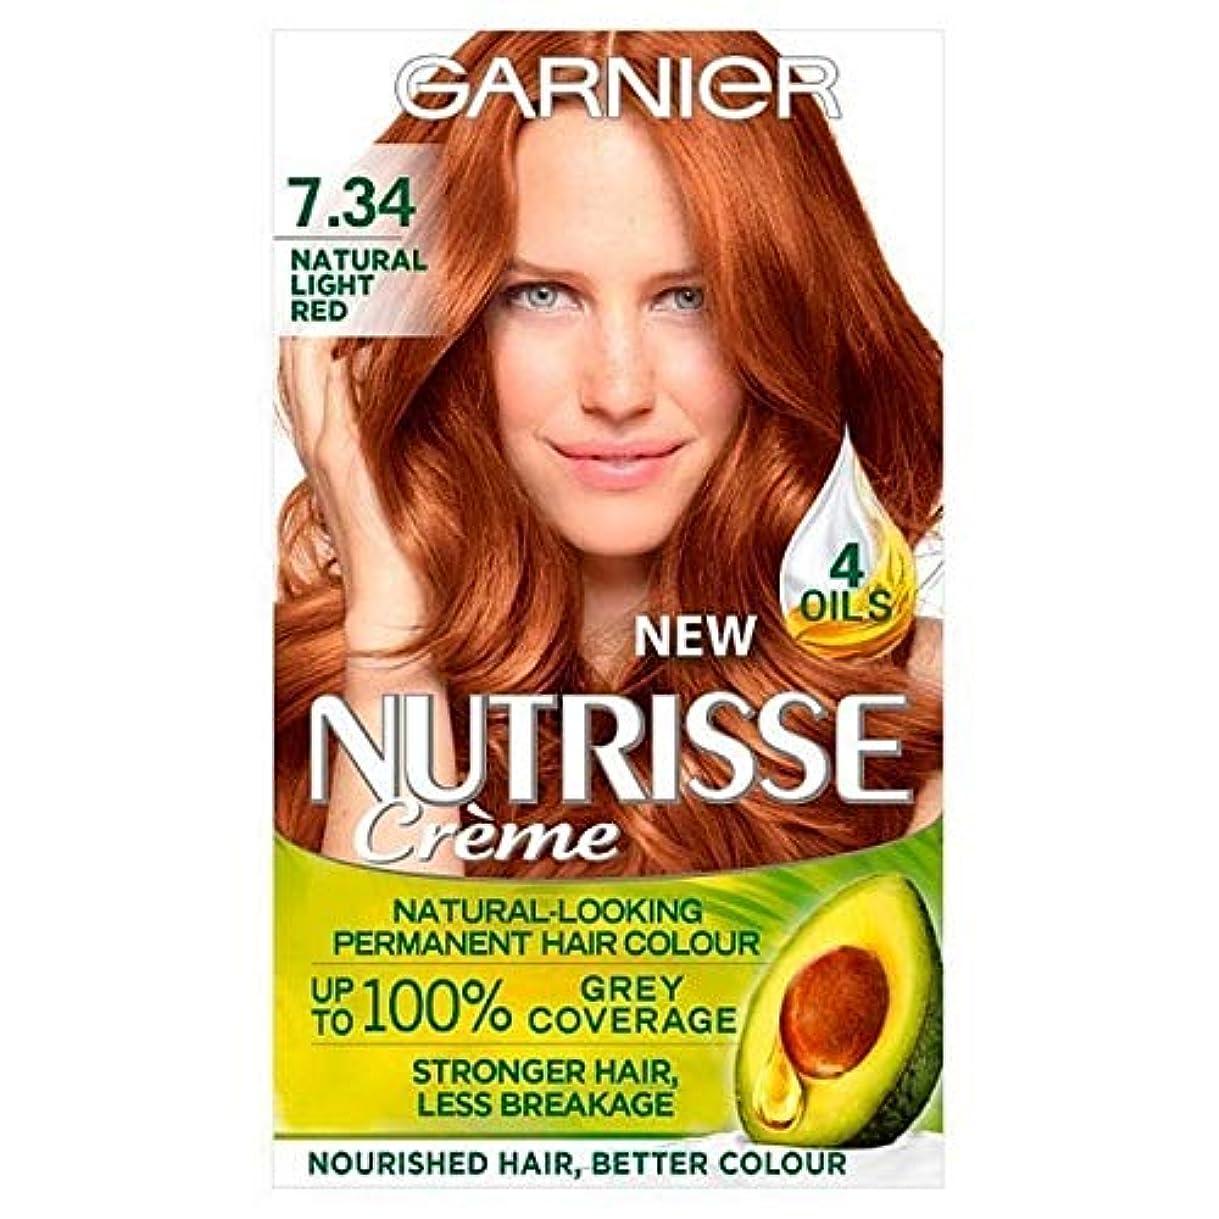 期待する最後のキャリア[Garnier ] 7.34光の自然な赤ガルニエNutrisseパーマネントヘアダイ - Garnier Nutrisse Permanent Hair Dye Light Natural Red 7.34 [並行輸入品]